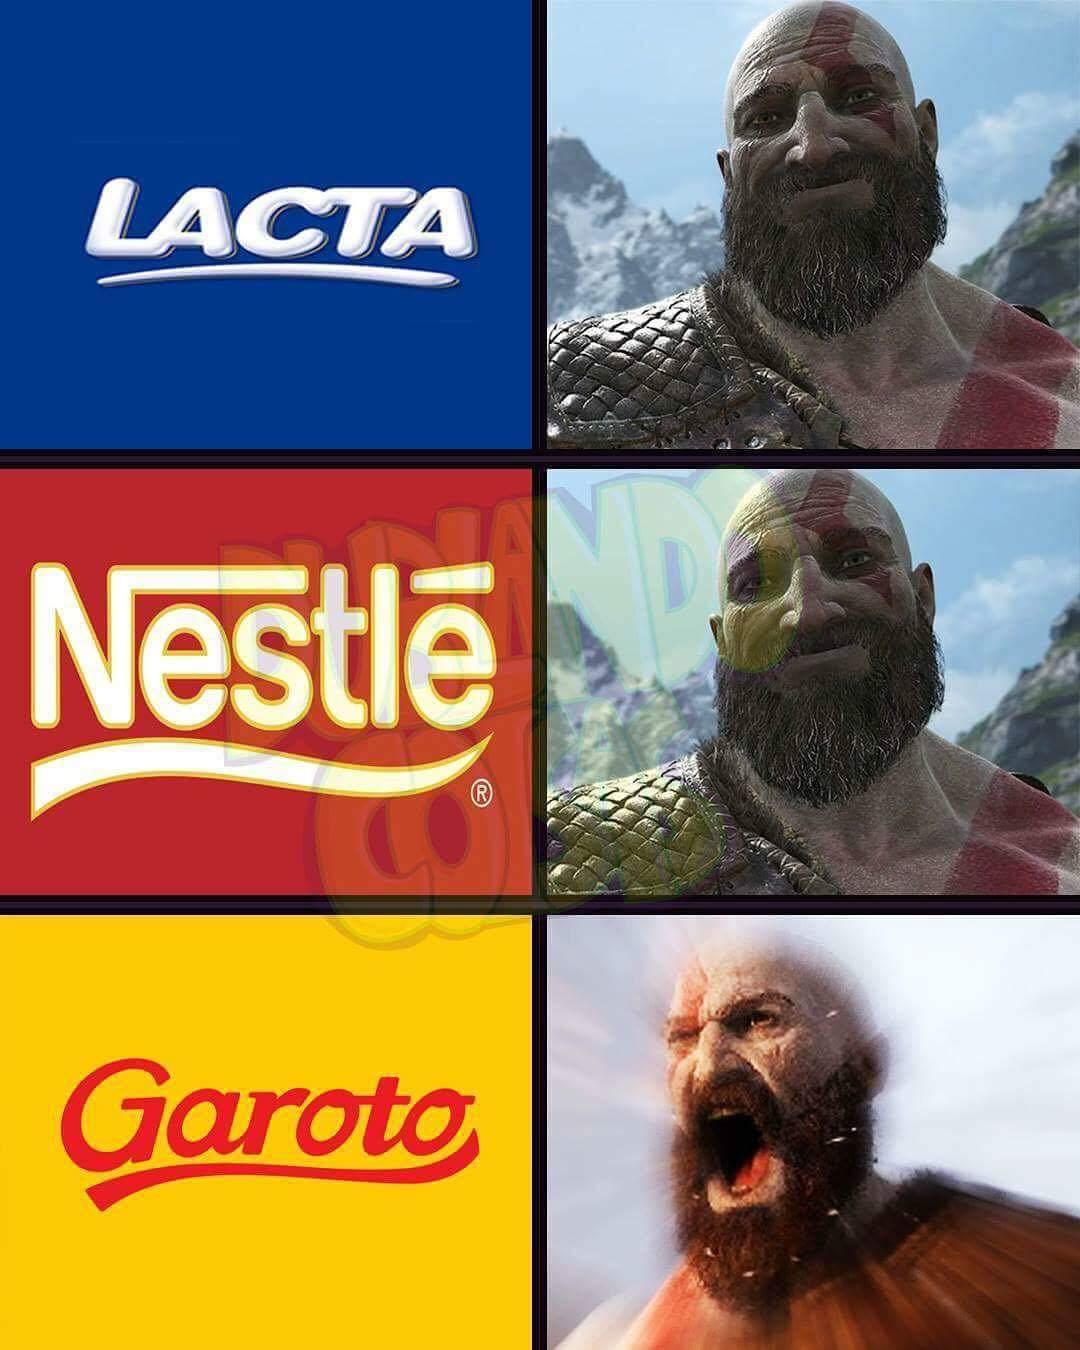 GAROTO - meme